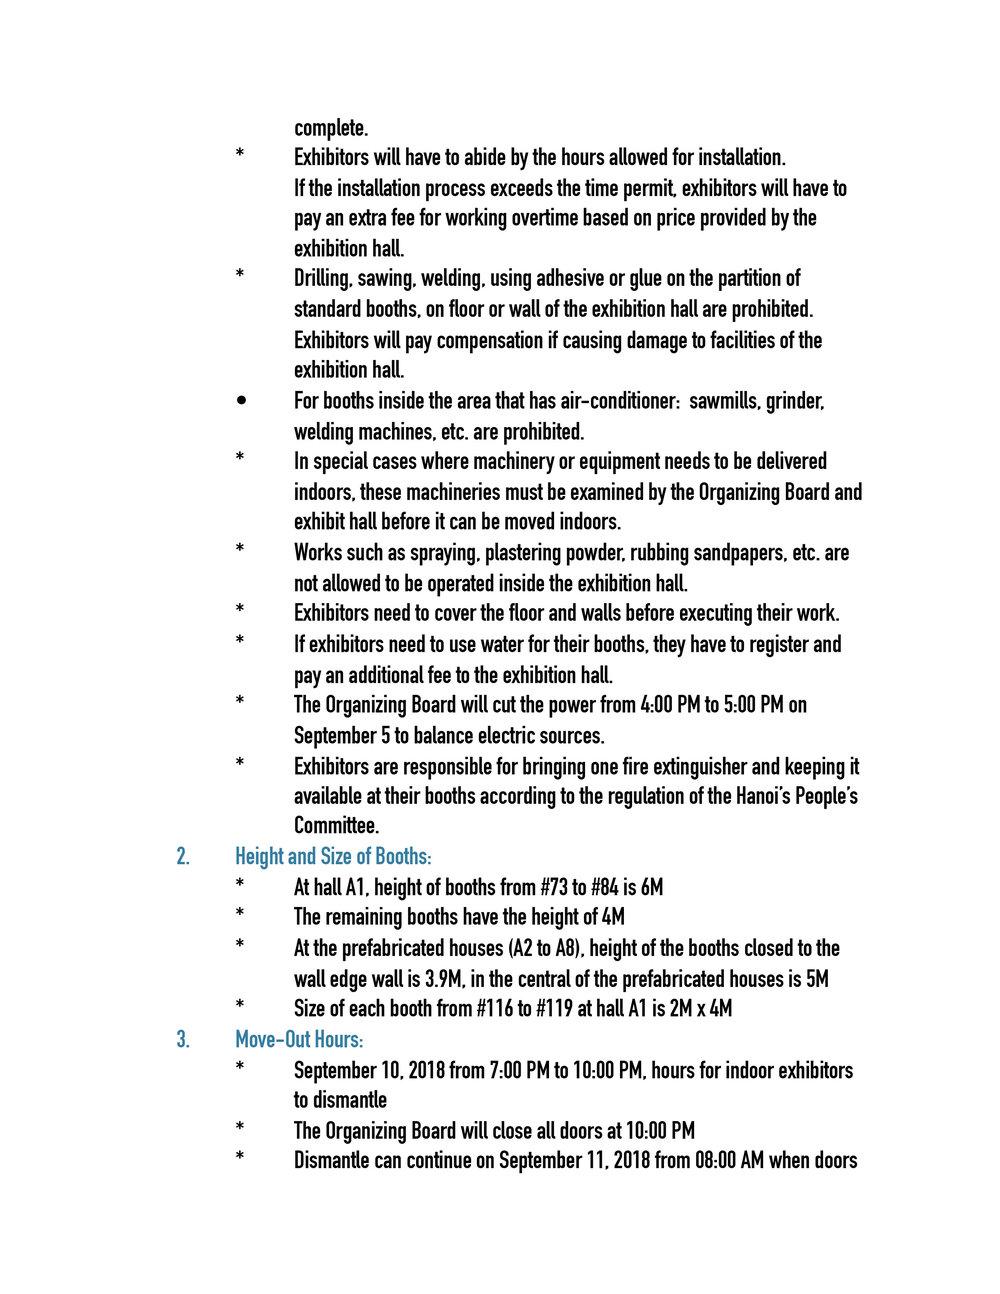 IREC 2018--Website 6.B EXPO Regulations-2.jpg